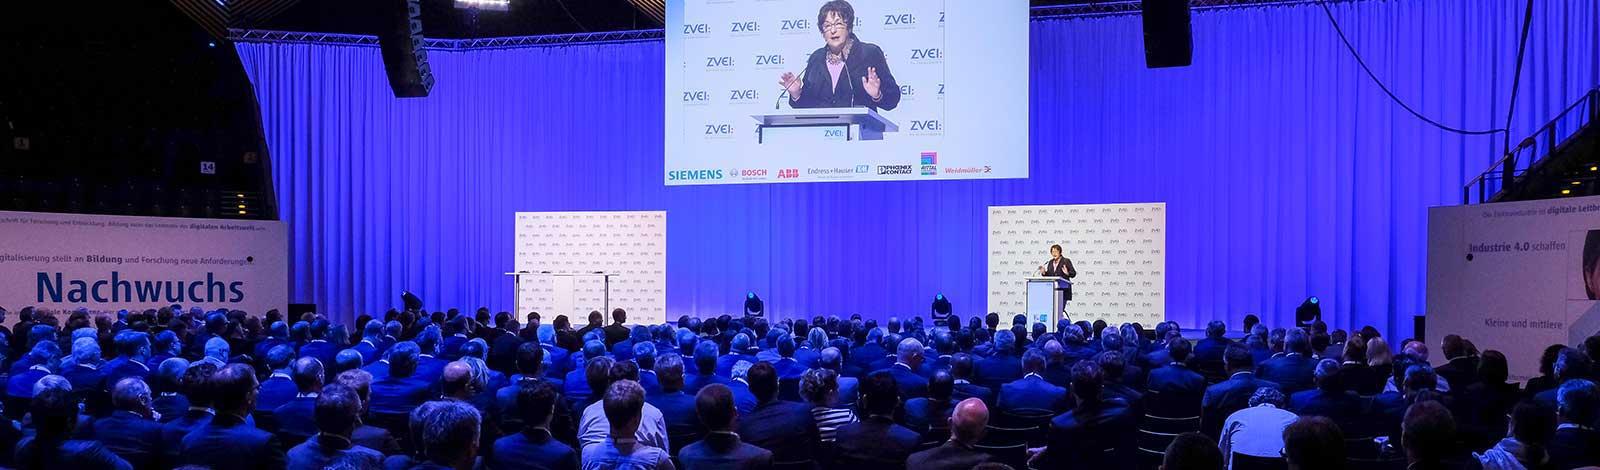 ZVEI-Jahreskongress 2017